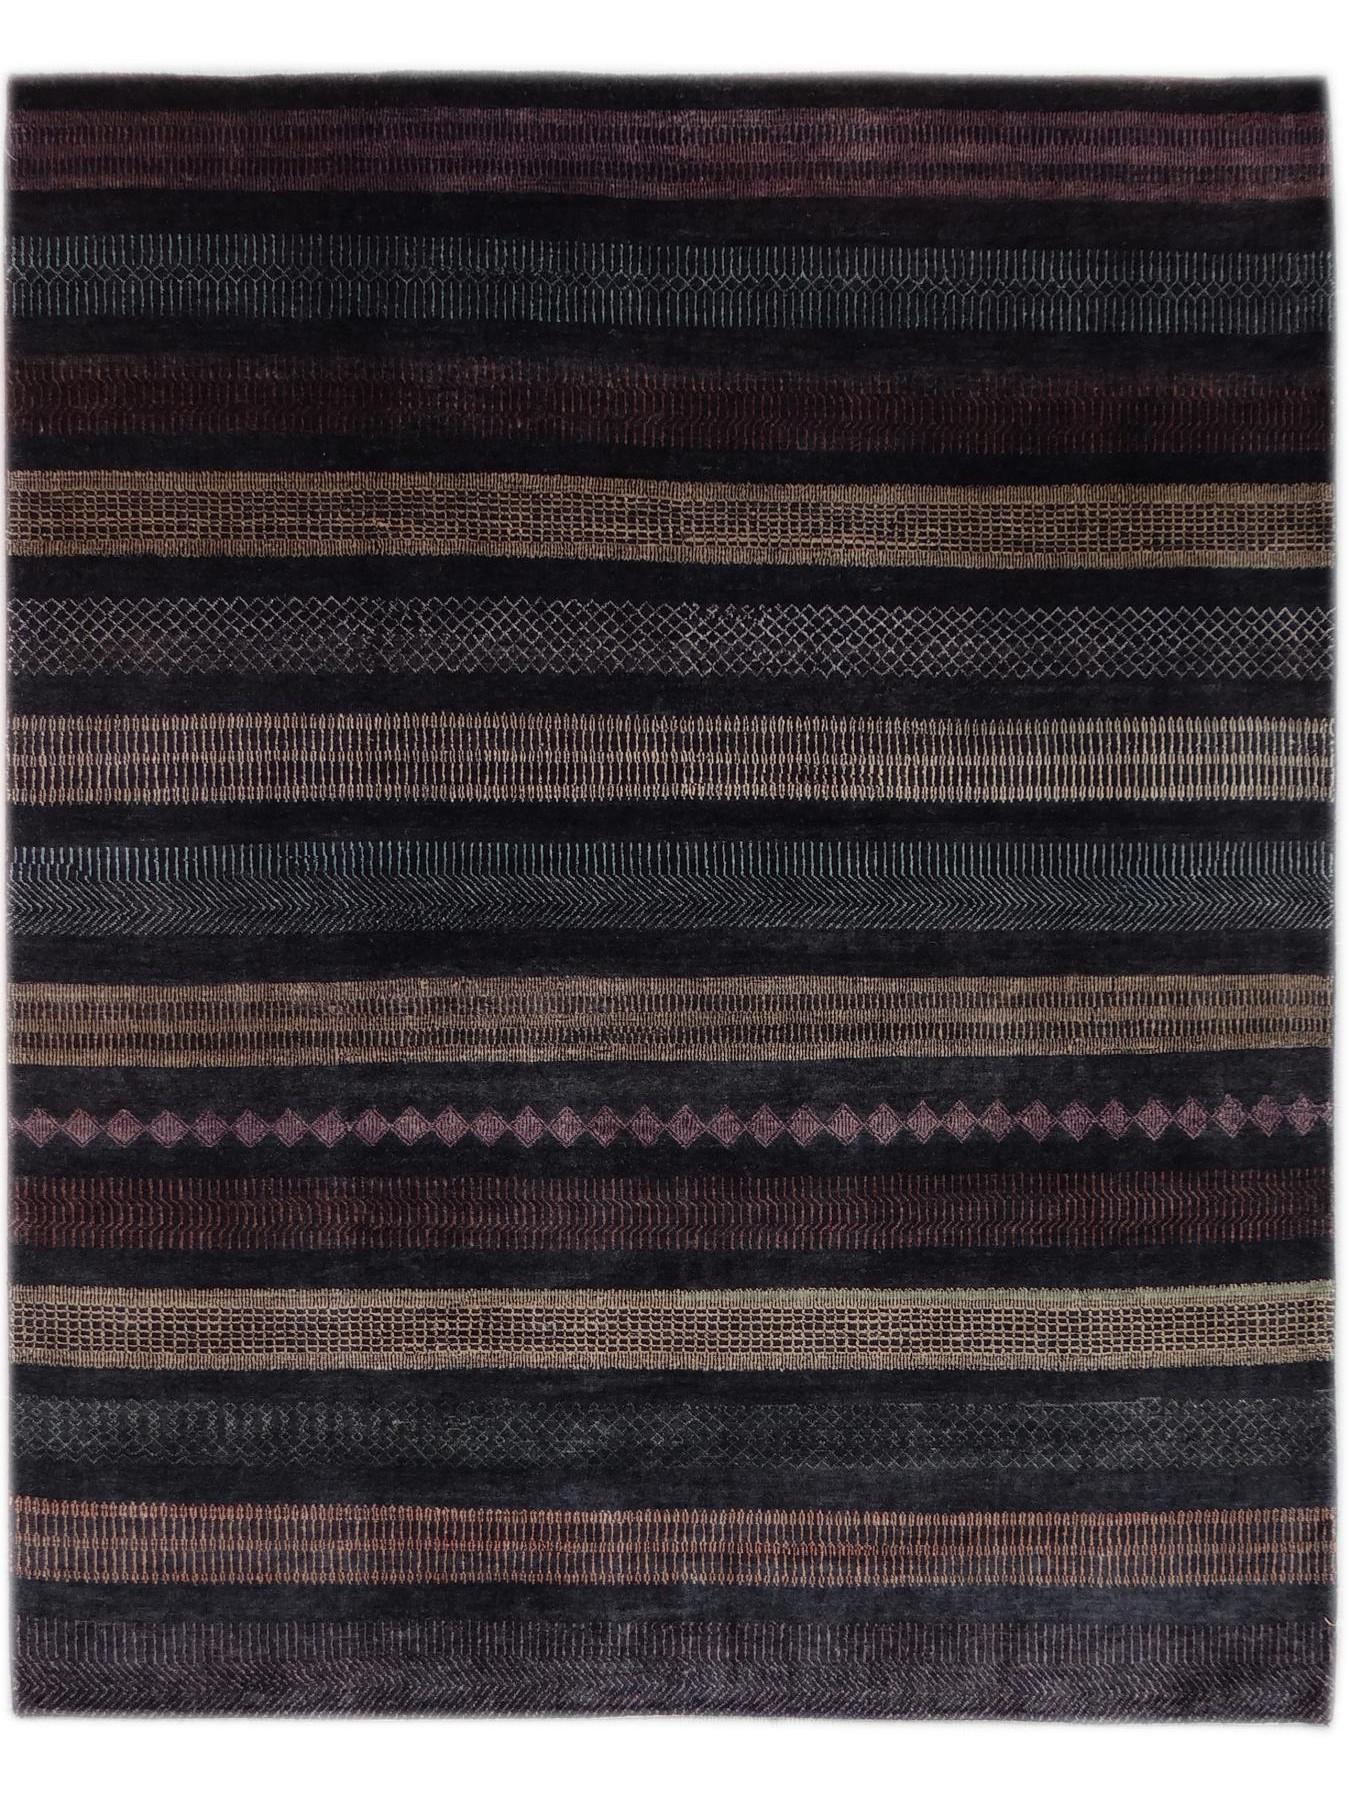 Etnische tapijten - TIMUR-EMOTION HNF005 9243